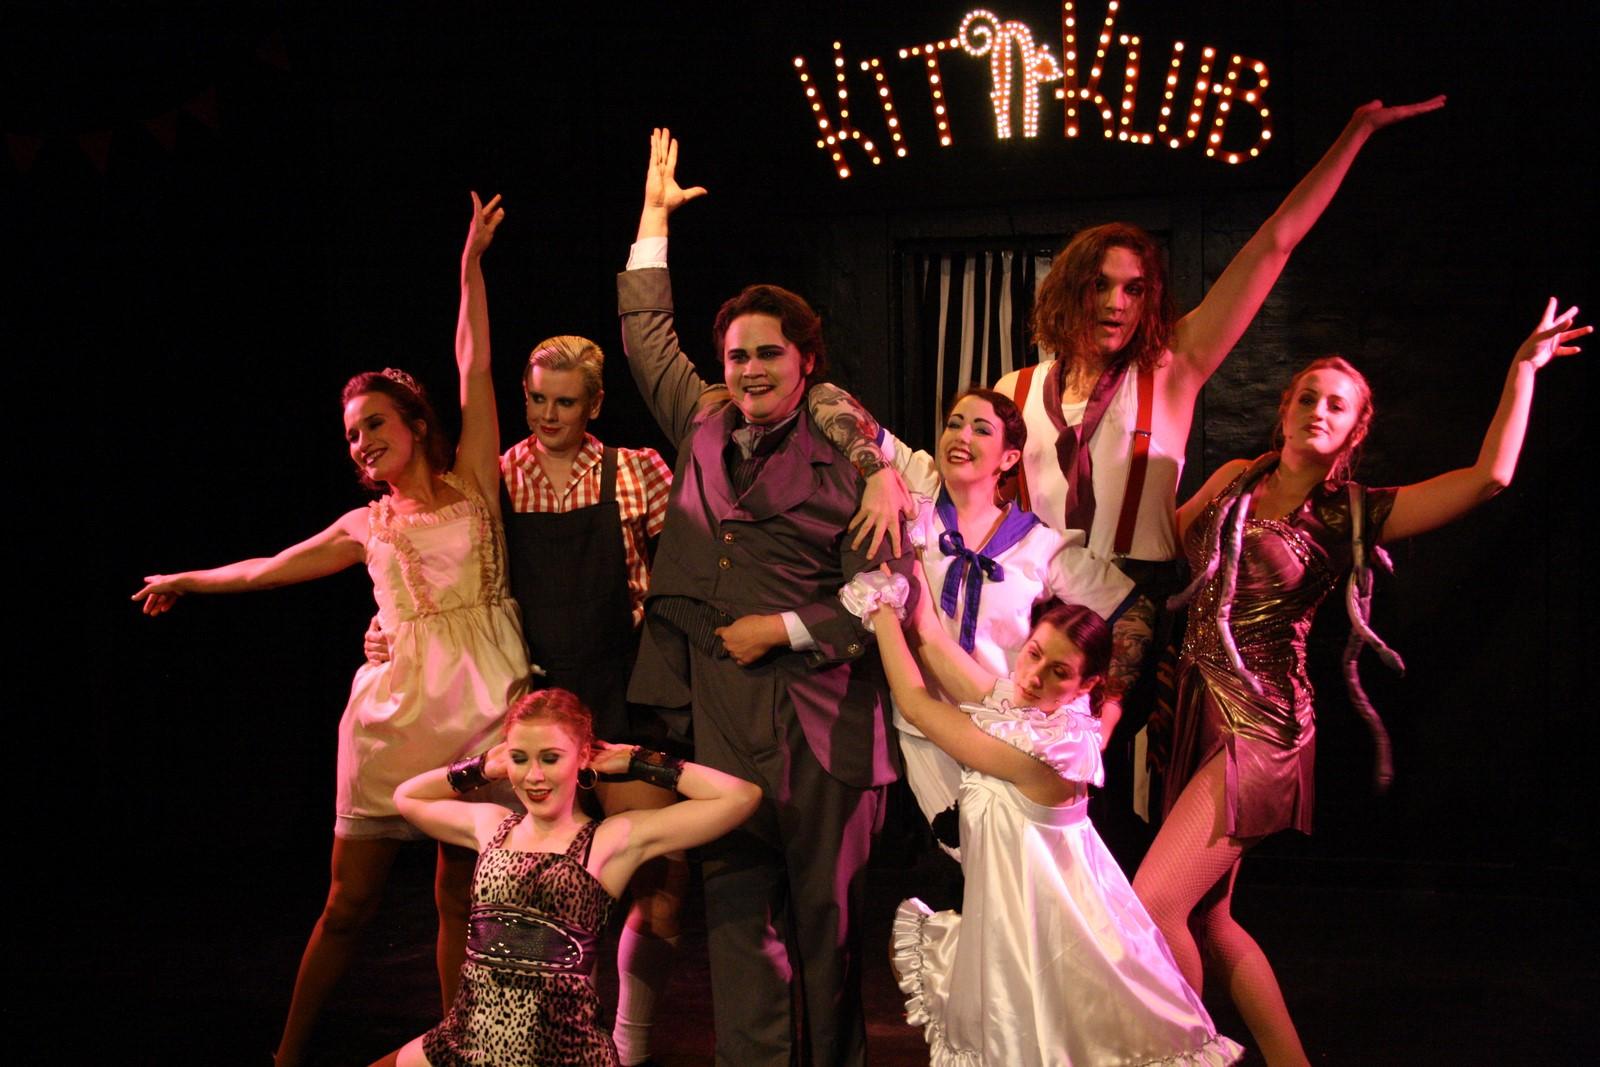 Anmeldelse: Cabaret, Copenhagen Theatre Circle